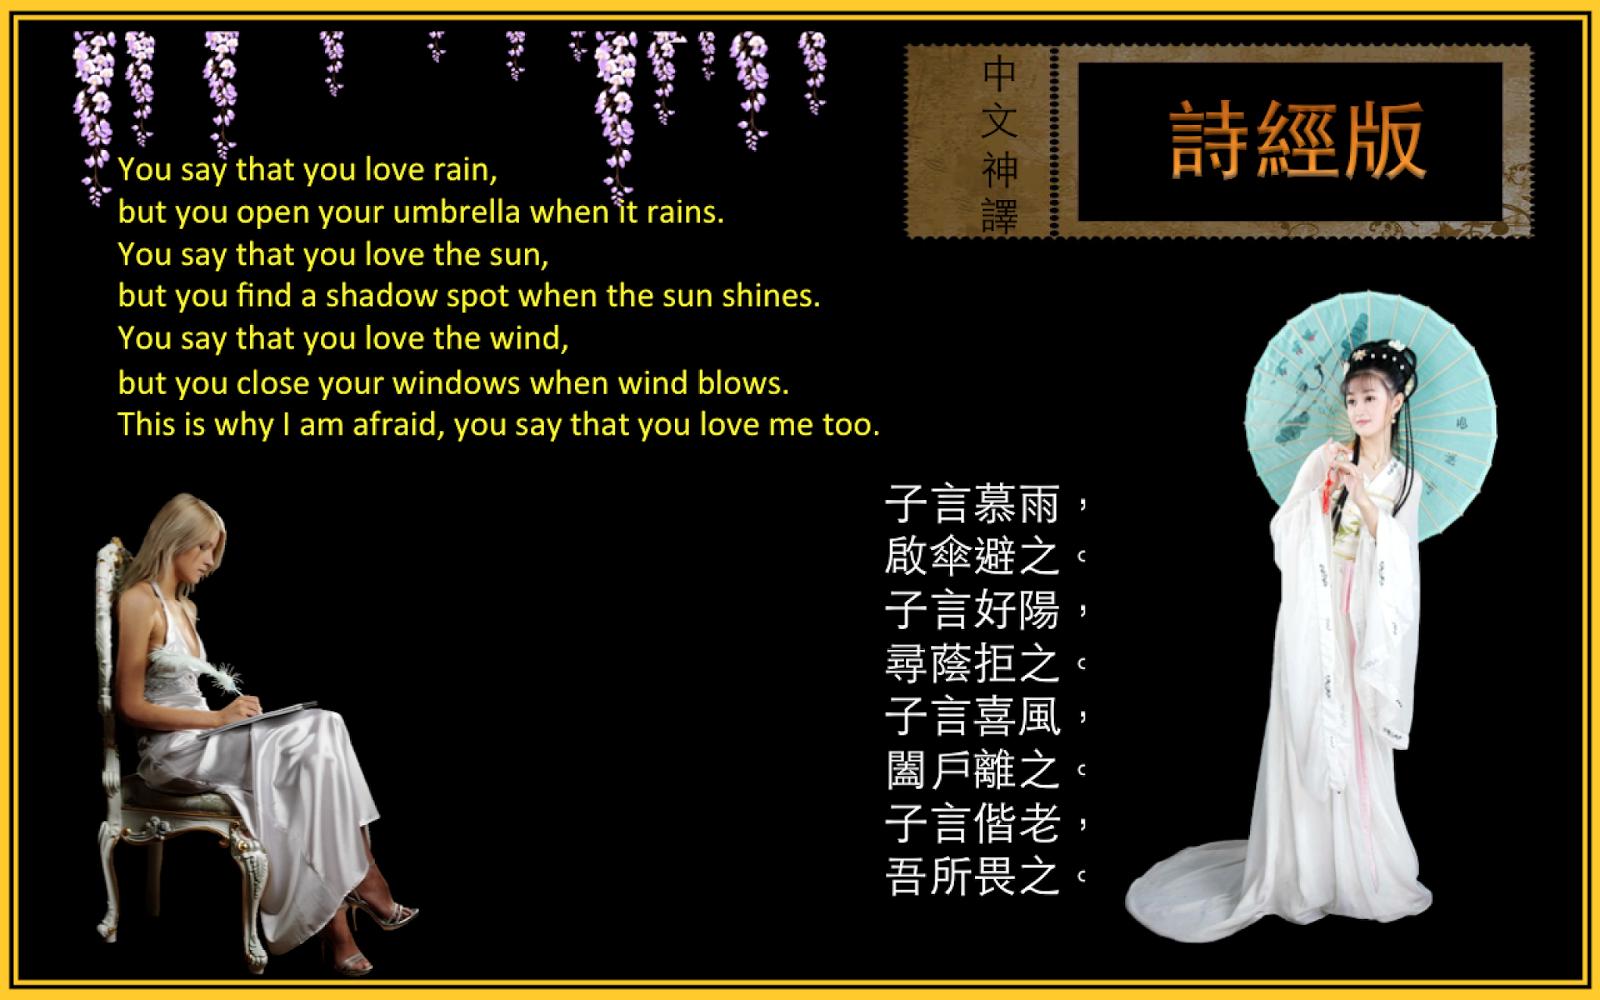 繪圖板達人: 中文之美